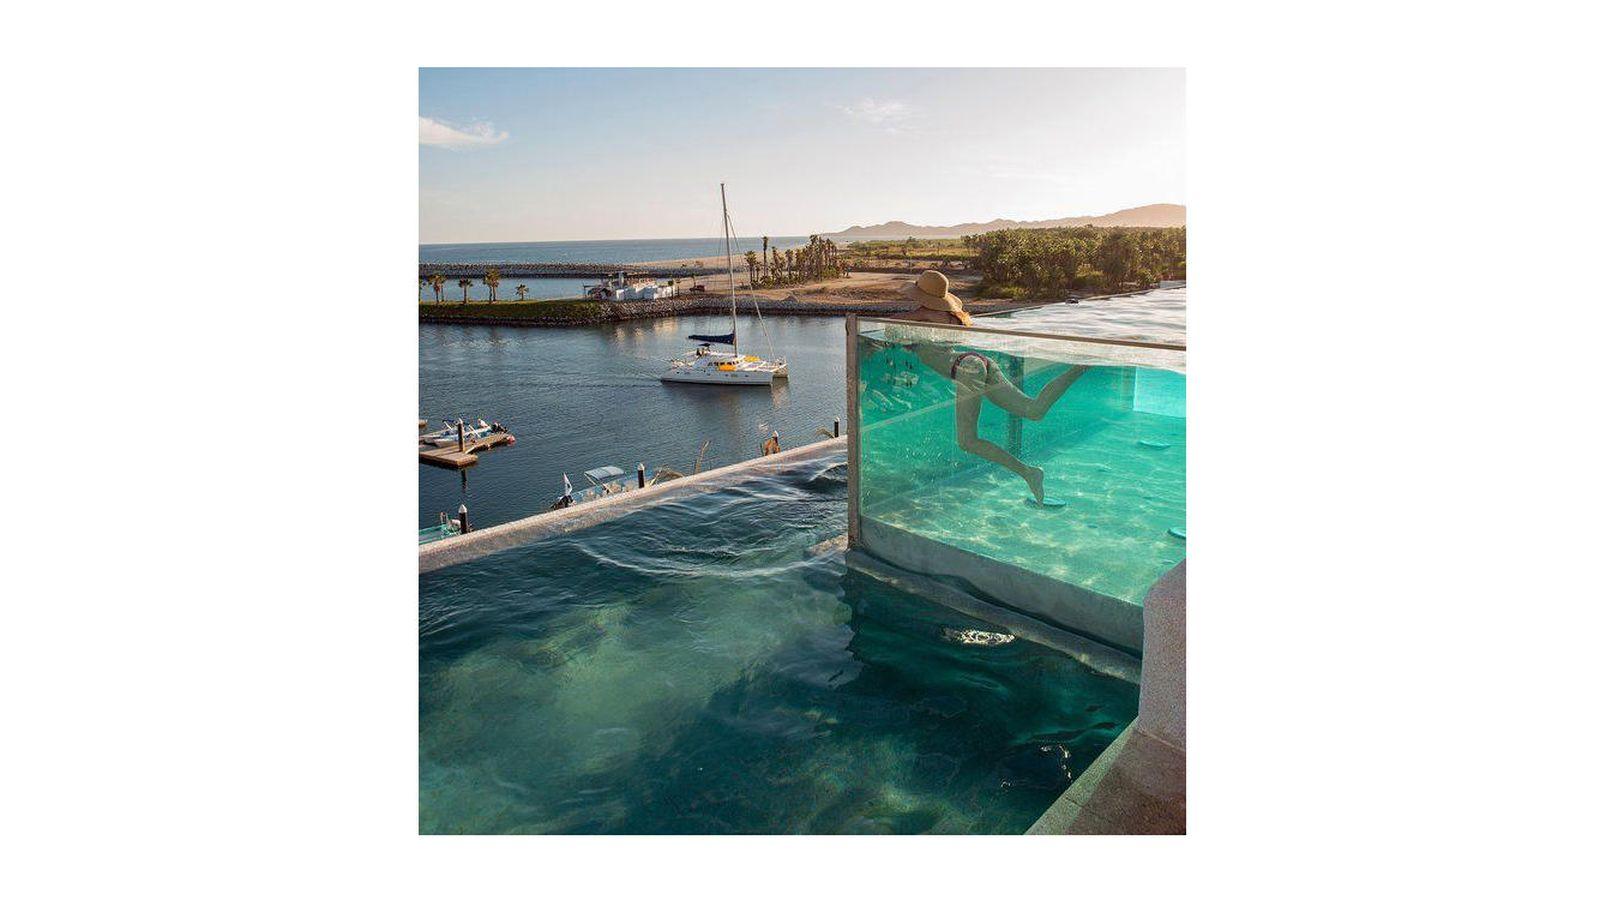 Las piscinas m s altas del mundo viajes - Piscinas altas ...